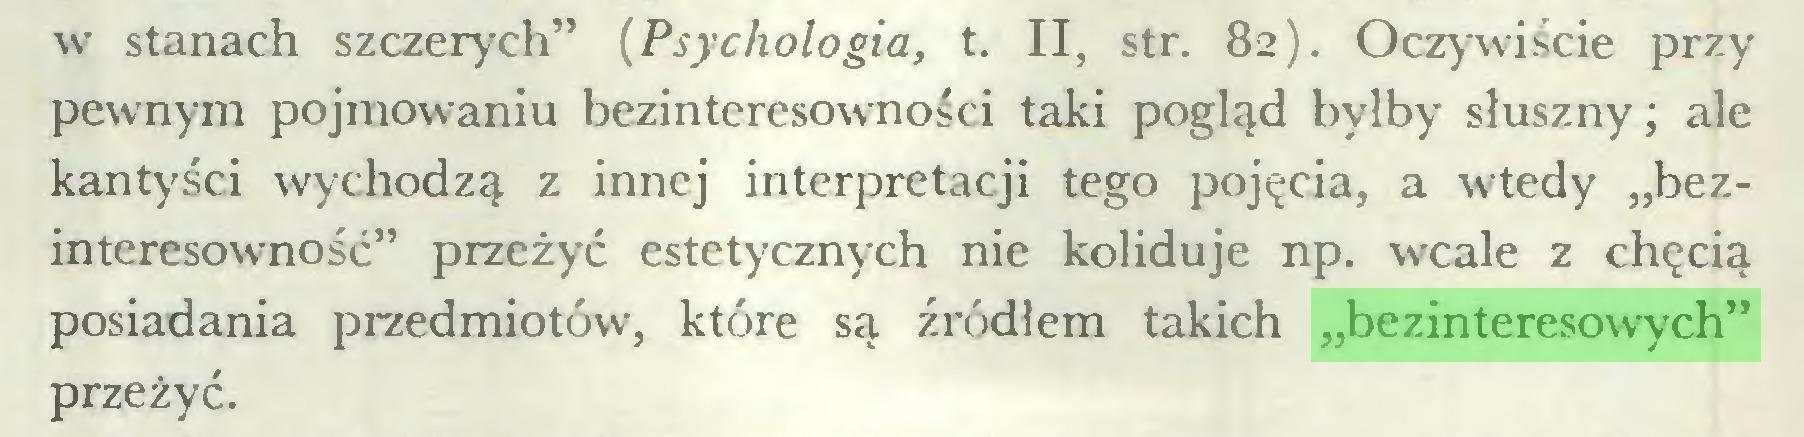 """(...) w stanach szczerych"""" (Psychologia, t. II, str. 82). Oczywiście przy pewnym pojmowaniu bezinteresowności taki pogląd byłby słuszny; ale kantyści wychodzą z innej interpretacji tego pojęcia, a wtedy """"bezinteresowność"""" przeżyć estetycznych nie koliduje np. wcale z chęcią posiadania przedmiotów, które są źródłem takich """"bezinteresowych"""" przeżyć..."""